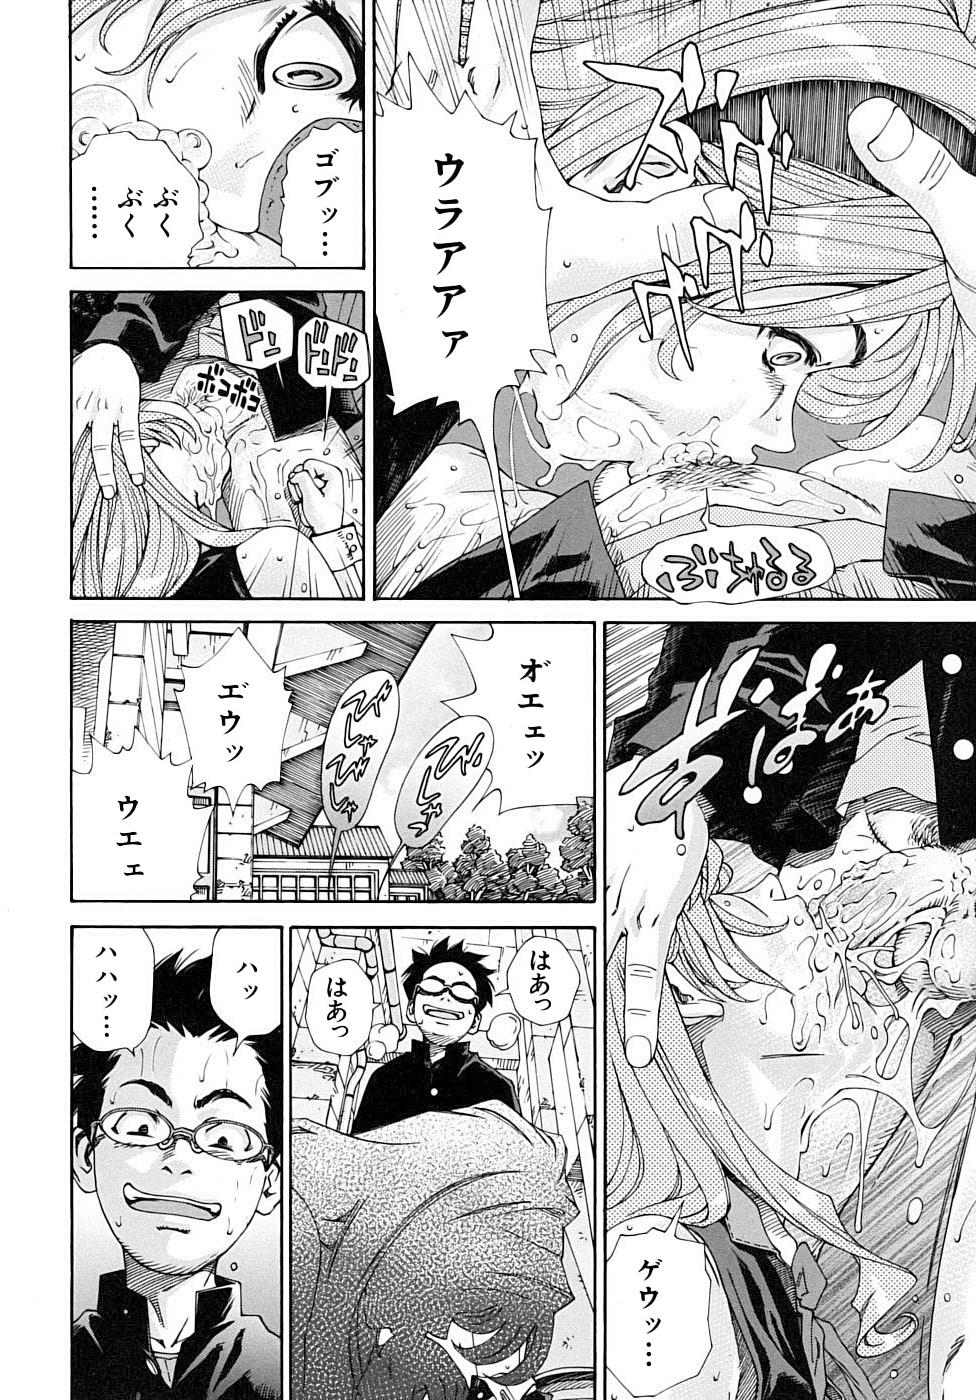 Amamori no Yari 9